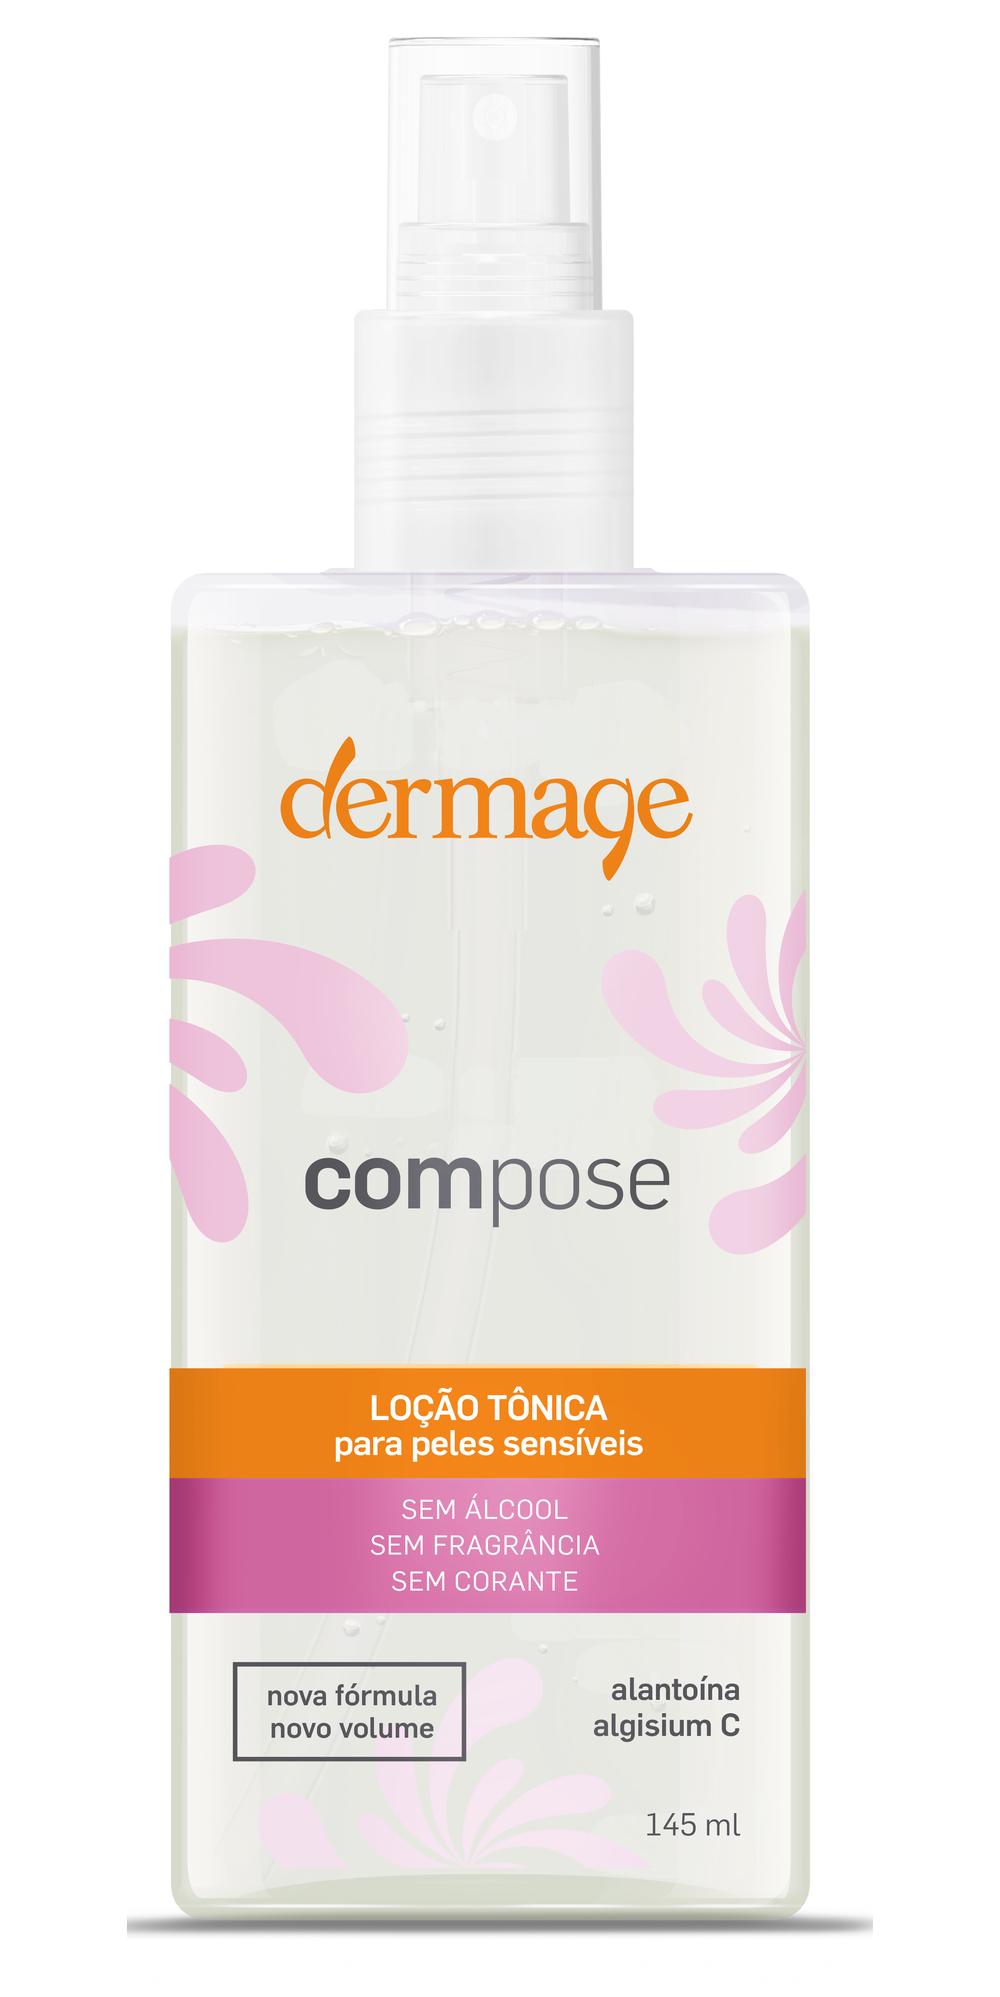 Compose-locao-tonica-pele-sensivel__324159.jpg